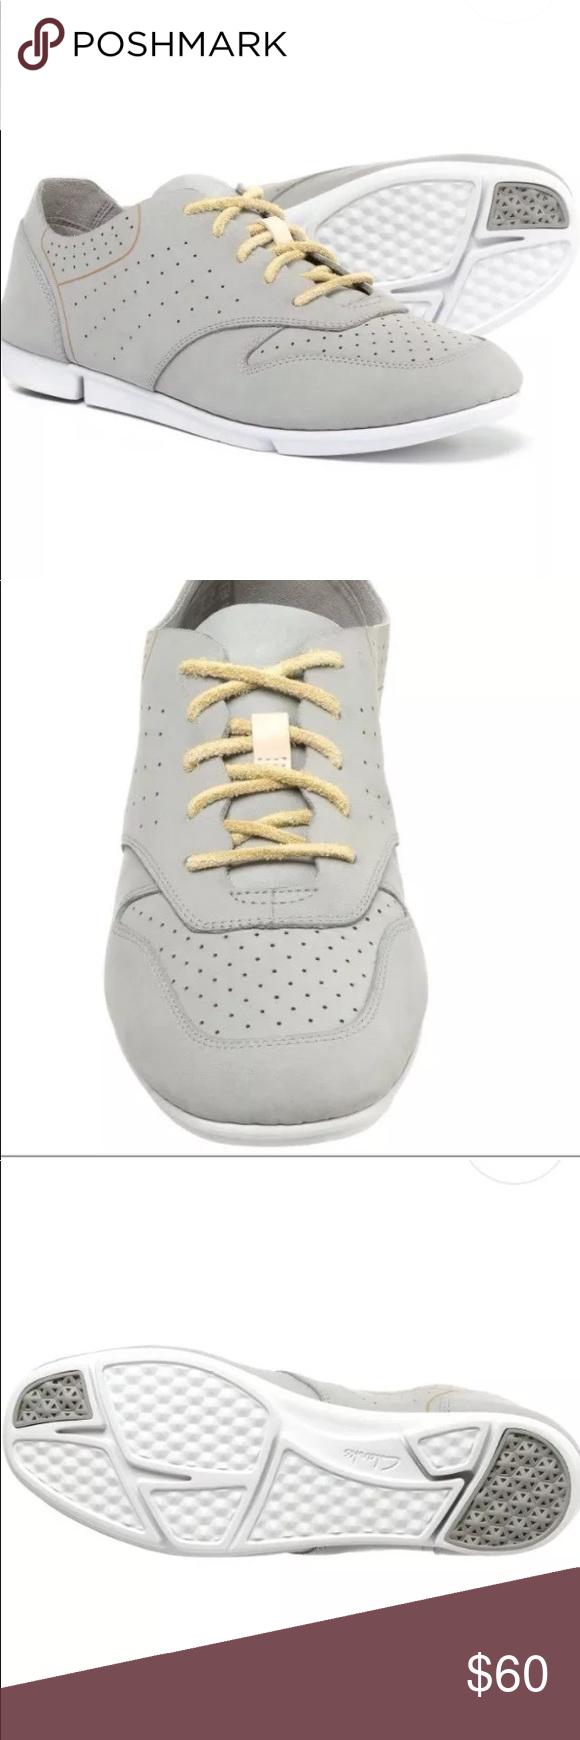 2019 rabatt verkauf echt kaufen detaillierte Bilder Clarks Shoes   Clarks Tri Actor Women'S Shoes Greyblue ...